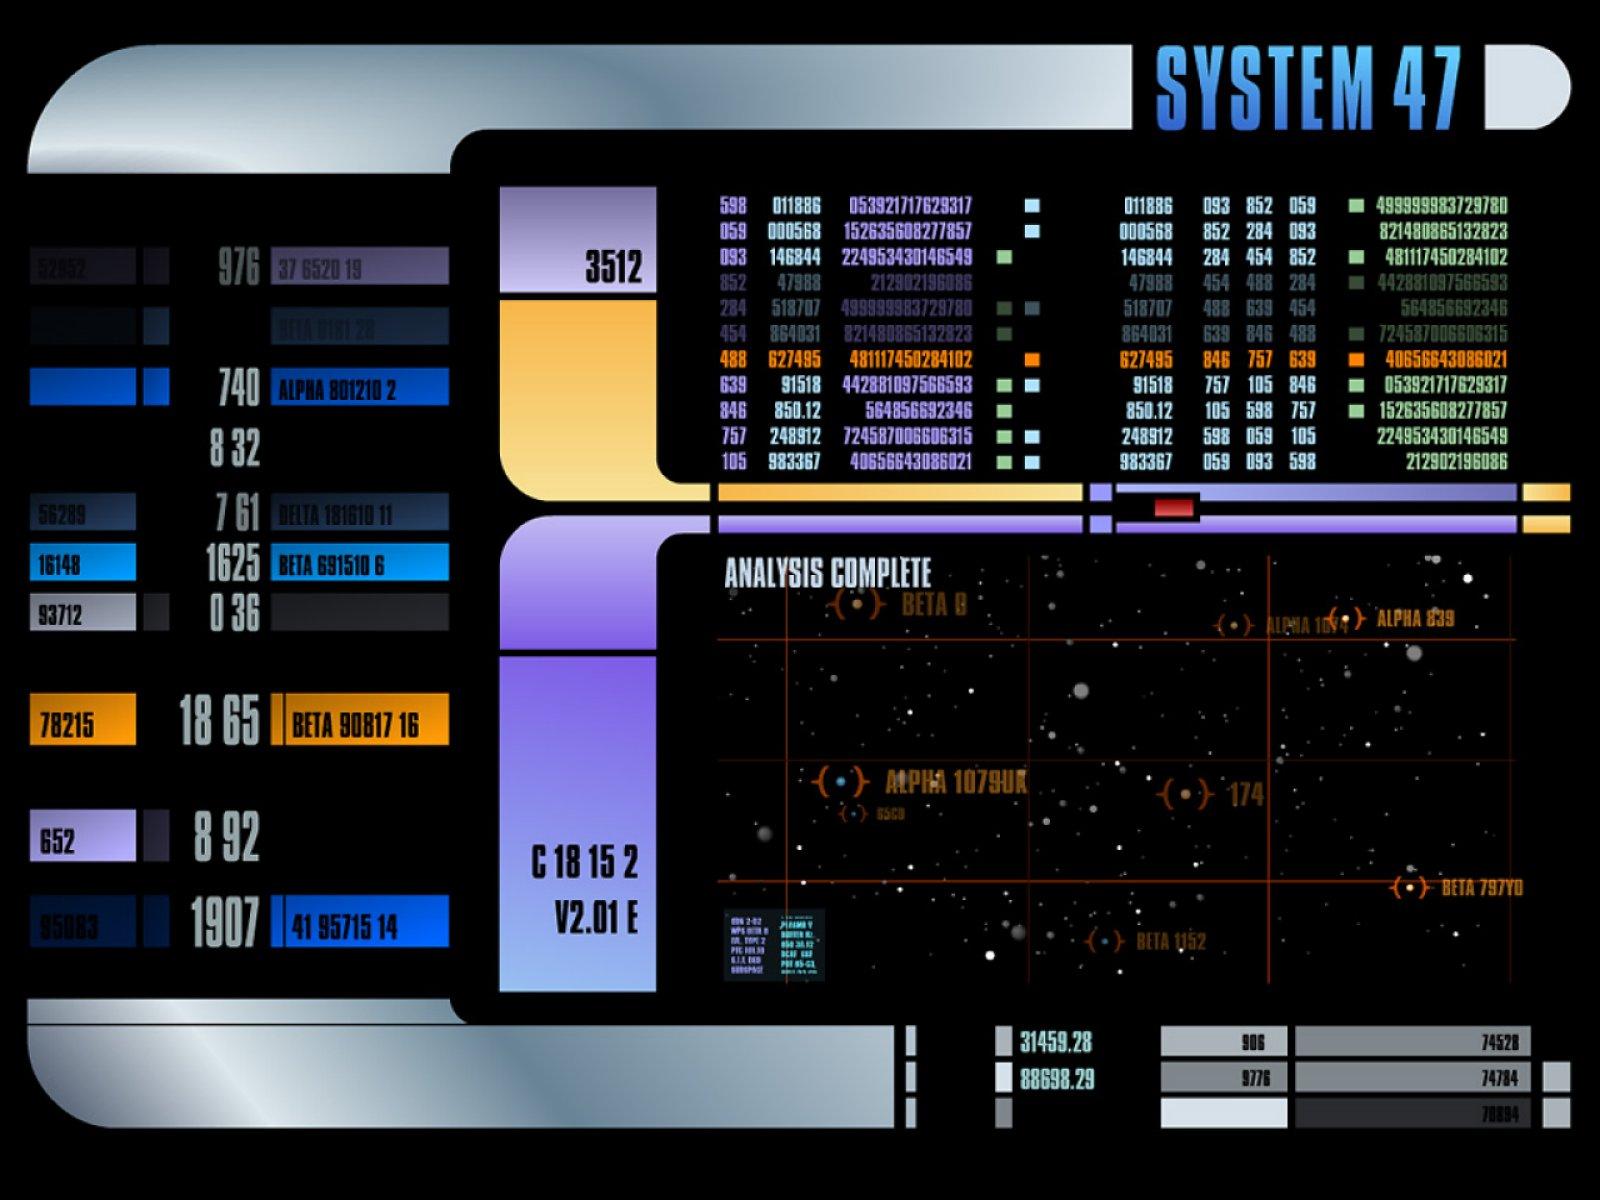 Star Trek Screensavers For Windows 10: Star Trek Wallpaper And Screensavers